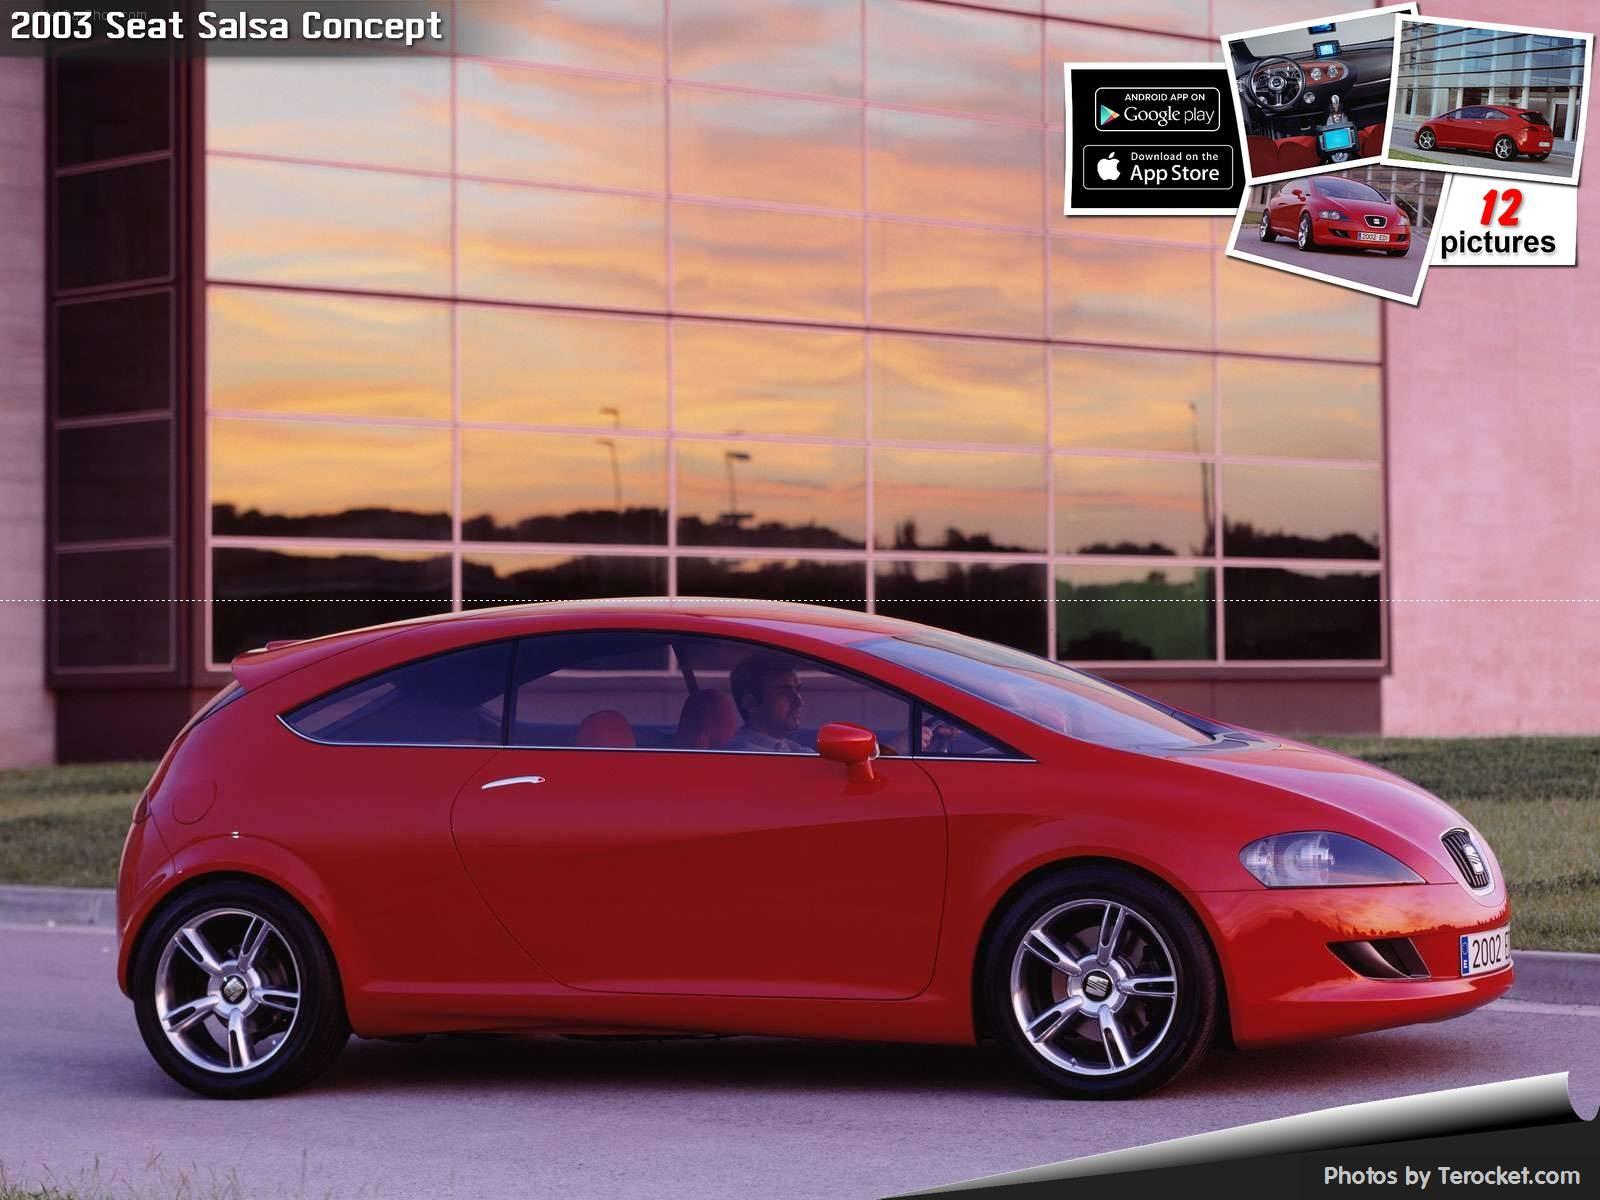 Hình ảnh xe ô tô Seat Salsa Concept 2003 & nội ngoại thất